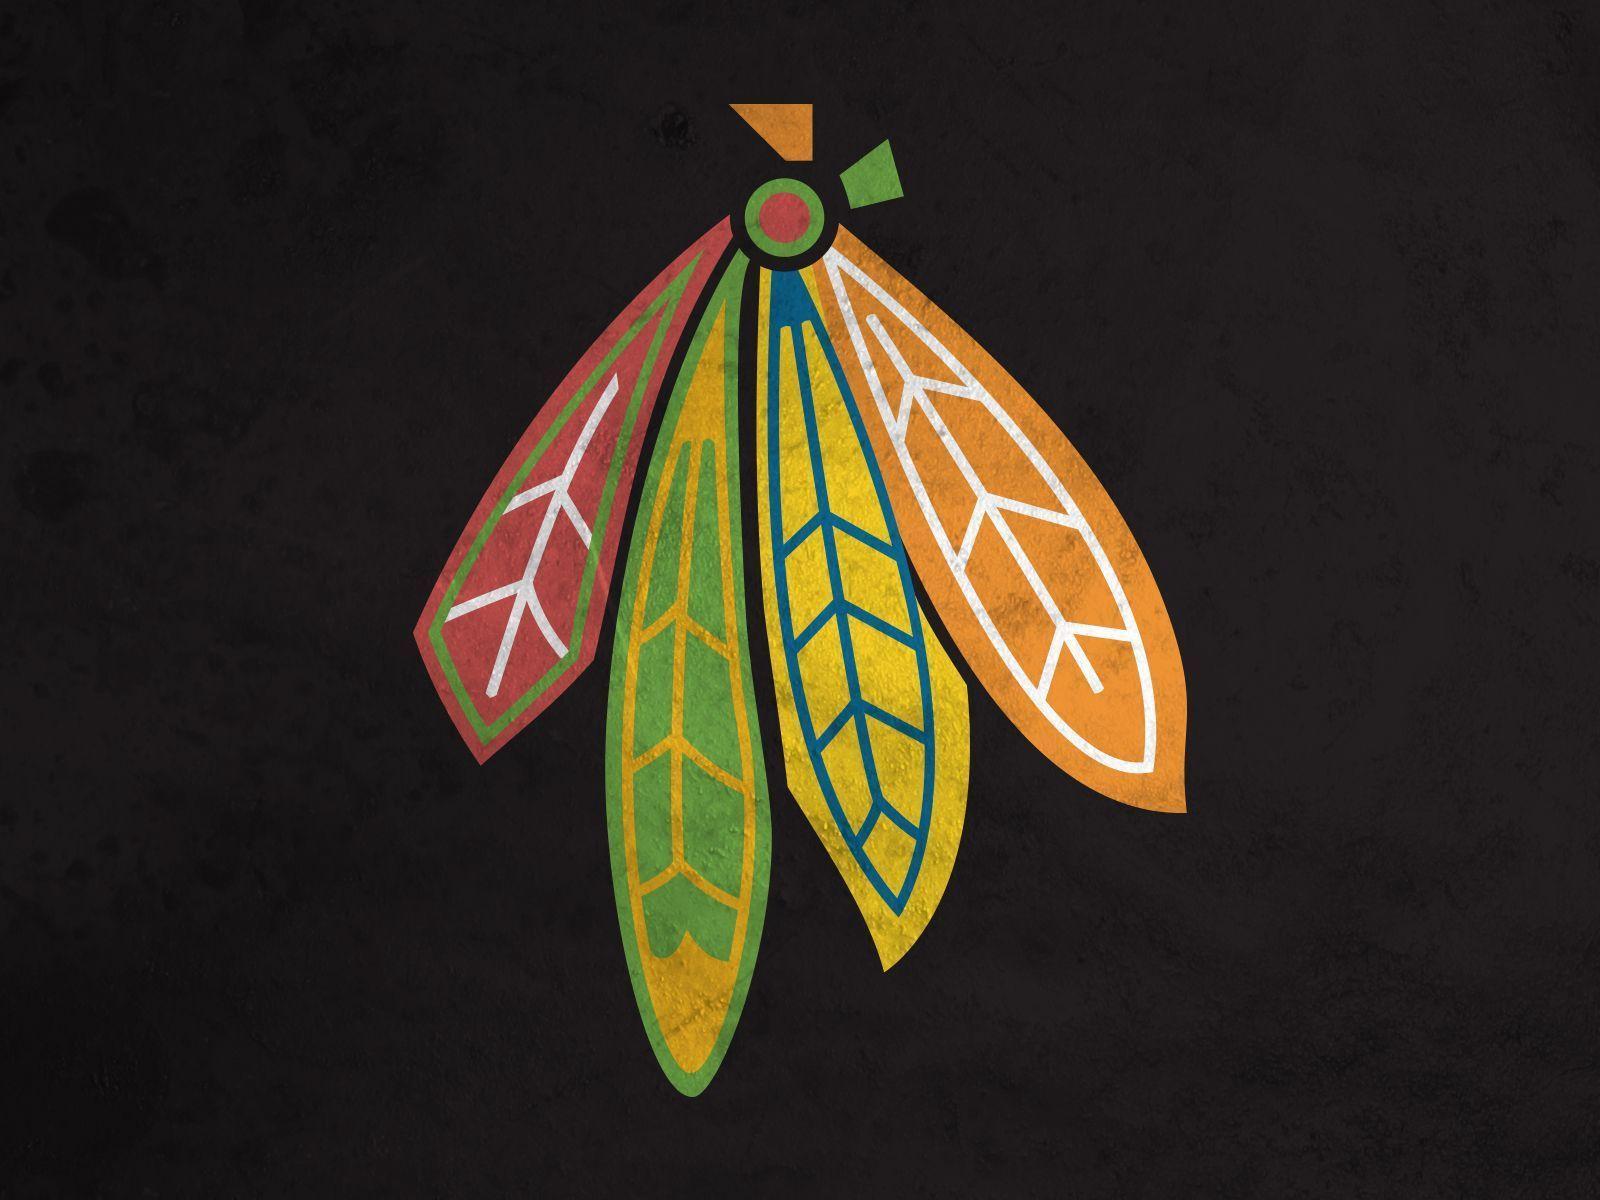 Chicago Blackhawks Desktop Wallpaper: Blackhawks Wallpapers